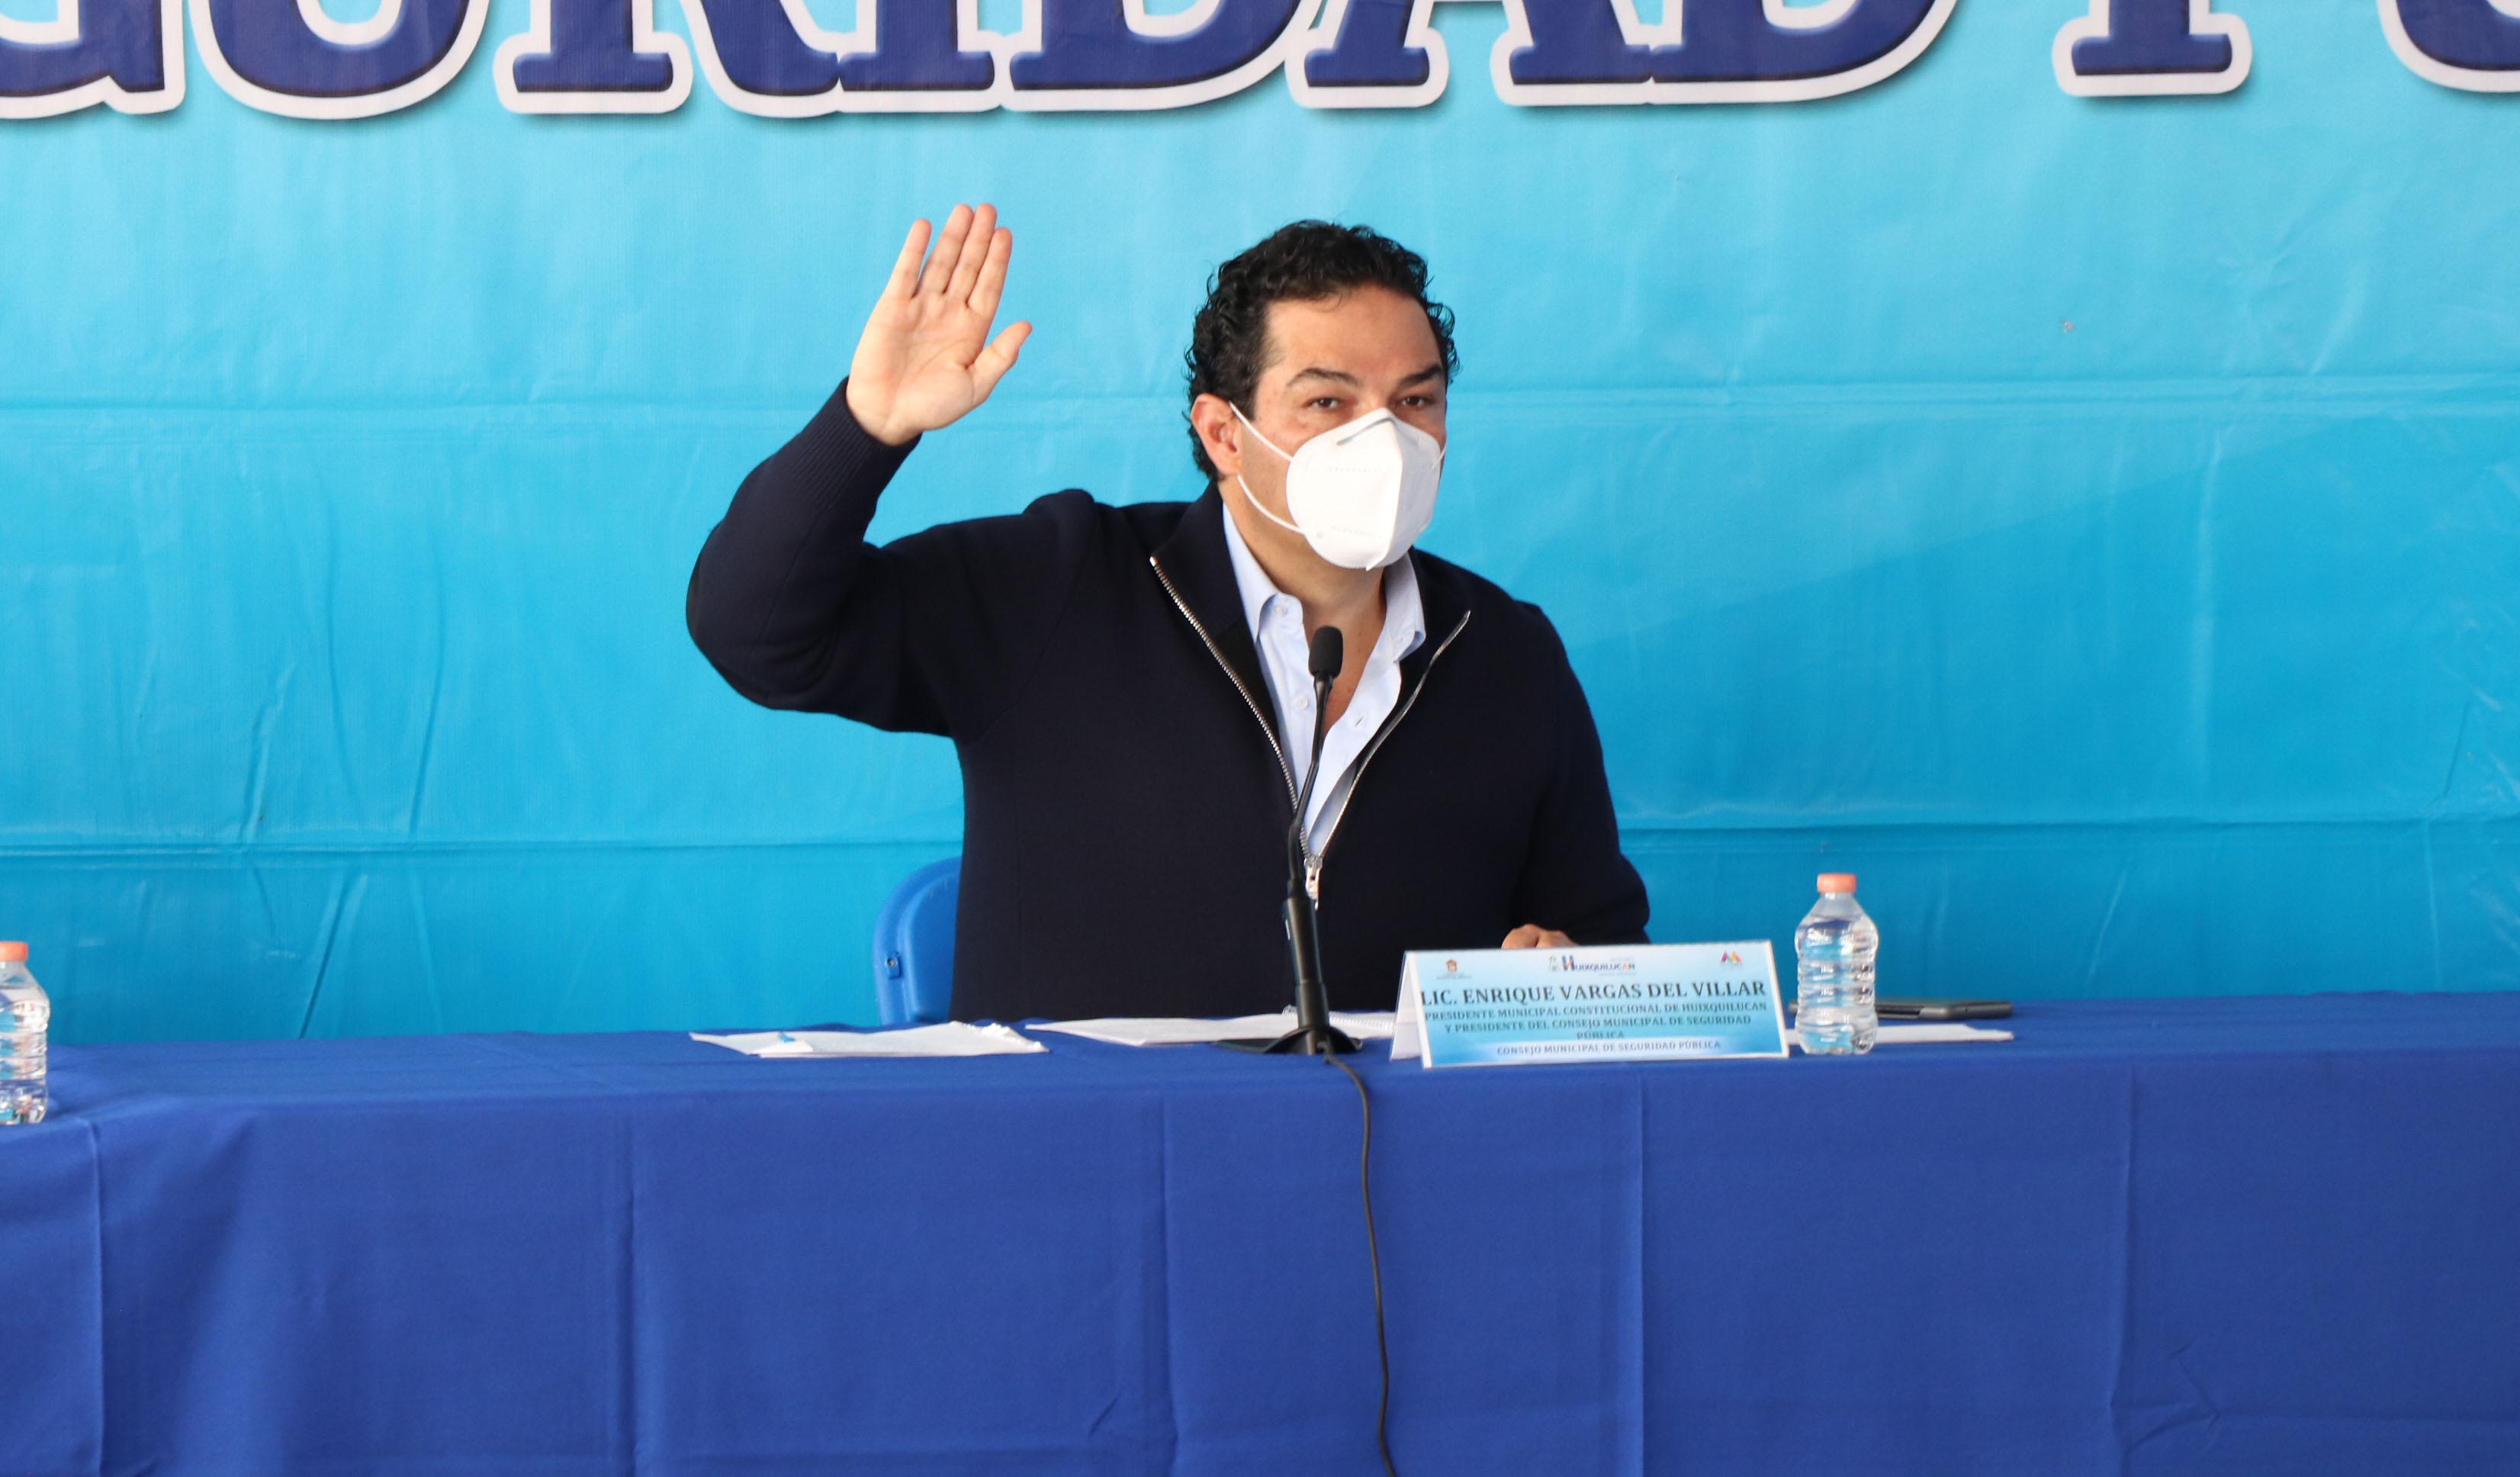 Enrique Vargas del Villar advierte que no habrá recursos para seguridad